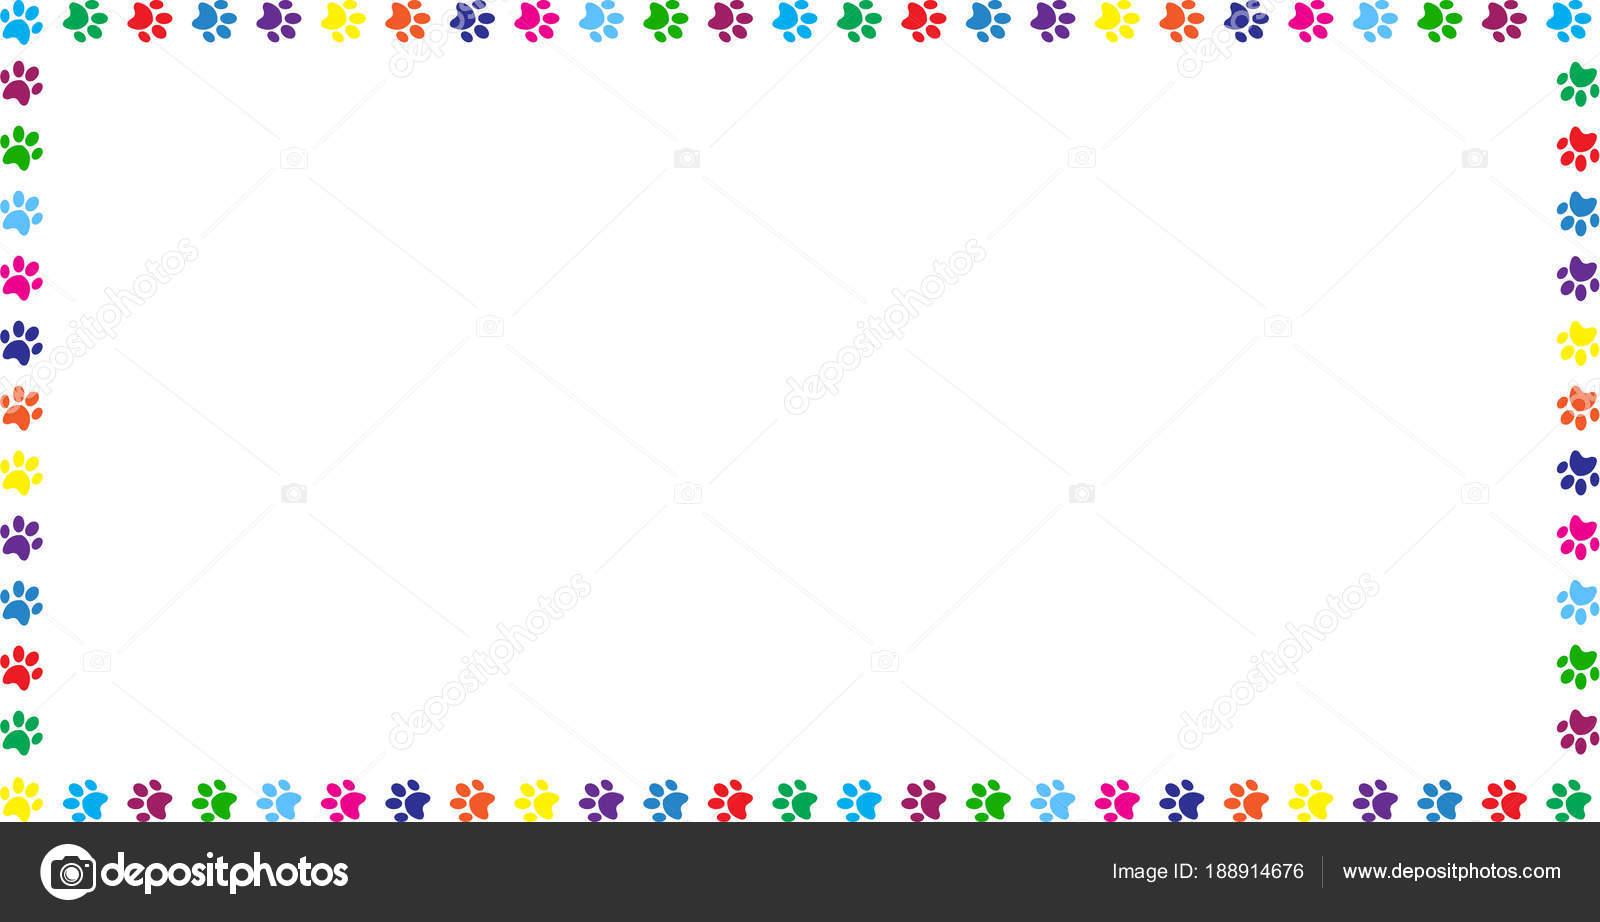 Rechteck-Rahmen aus Regenbogen tierischen Pfotenabdrücke auf weiß ...